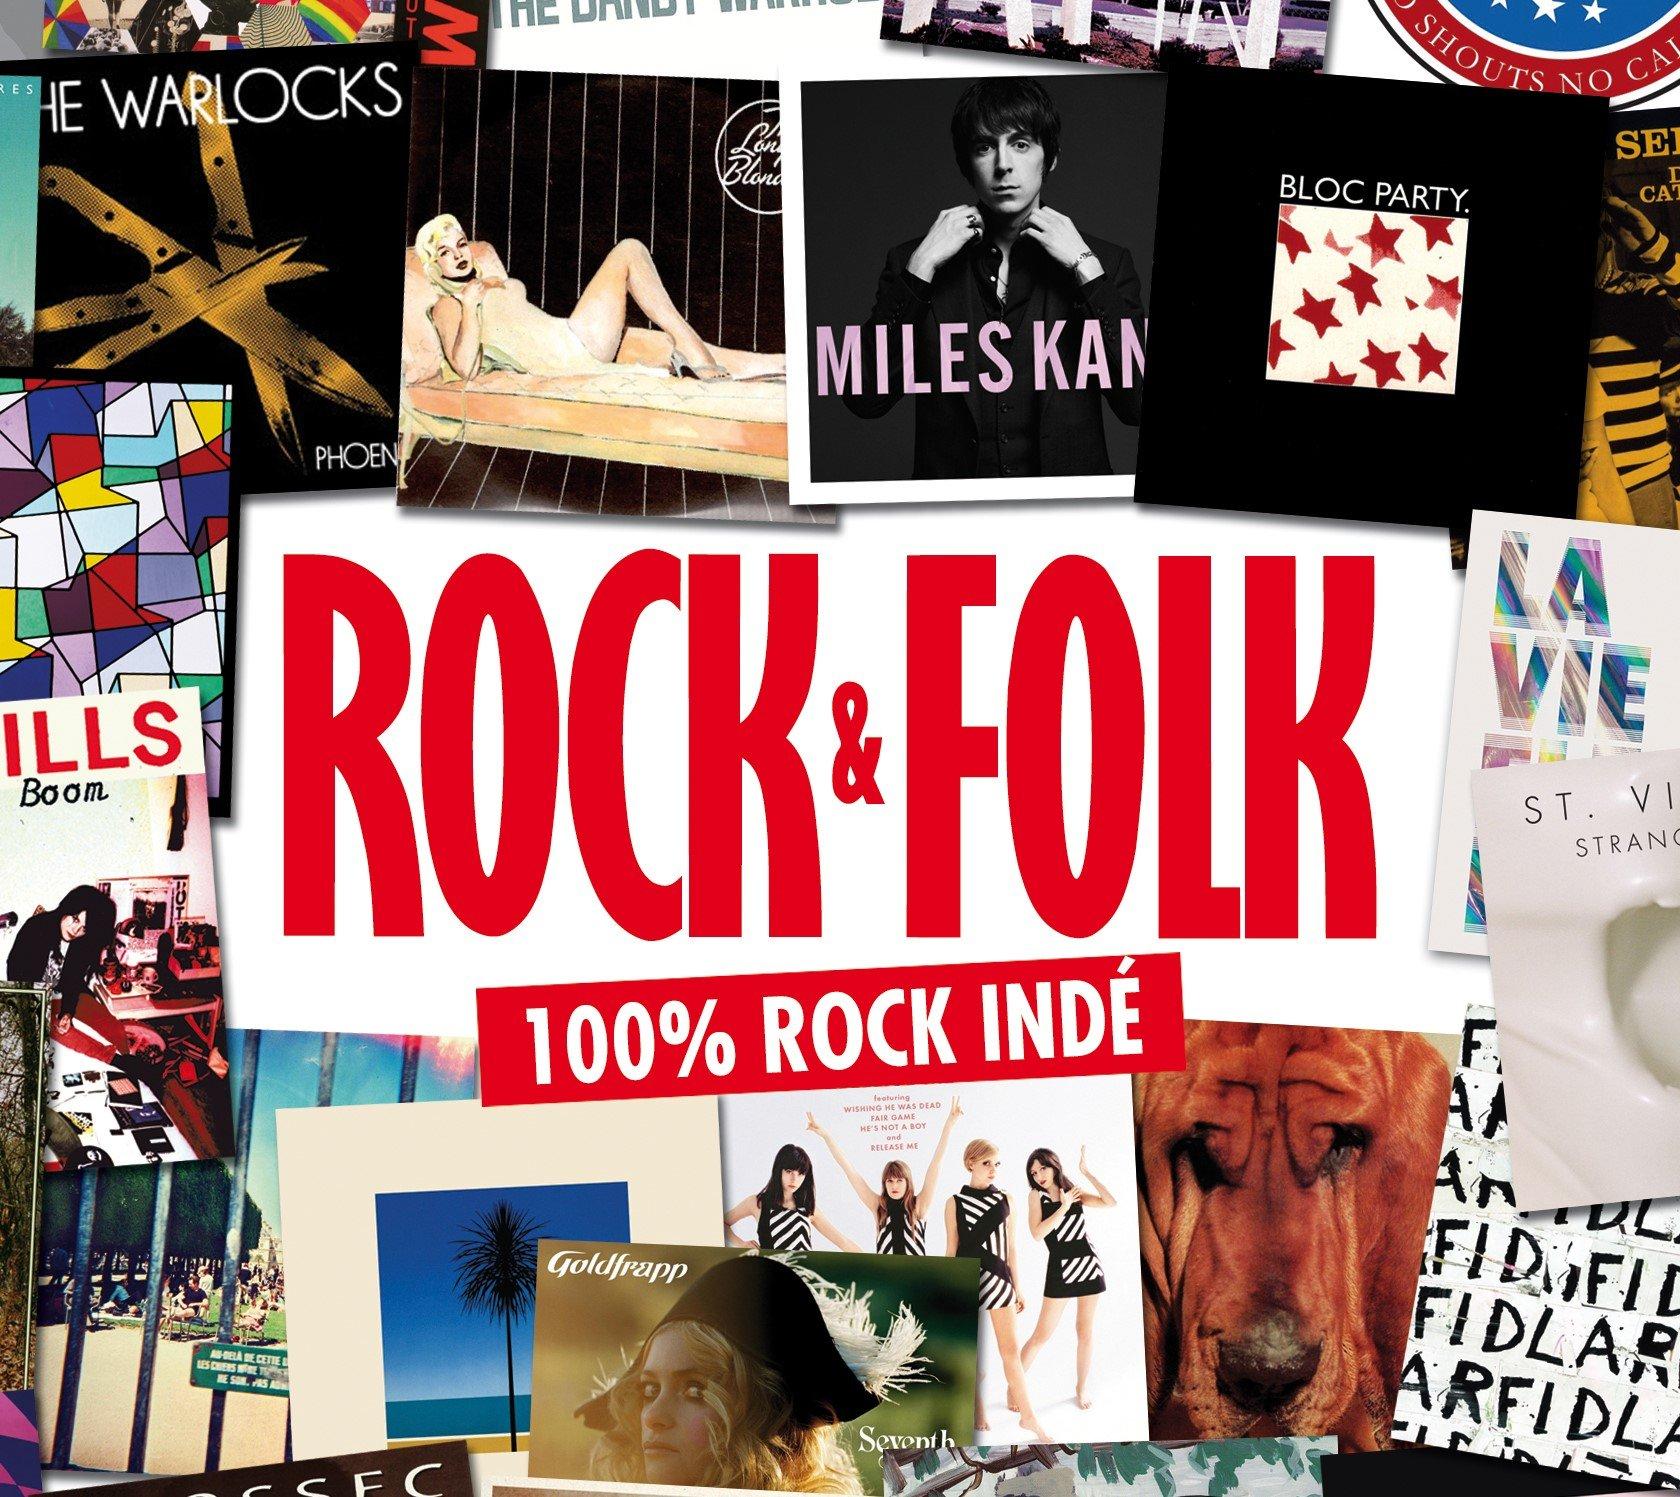 CD : VARIOUS ARTISTS - Coffret Rock & Folk (100% Inde) (Boxed Set, Digipack Packaging, France - Import)